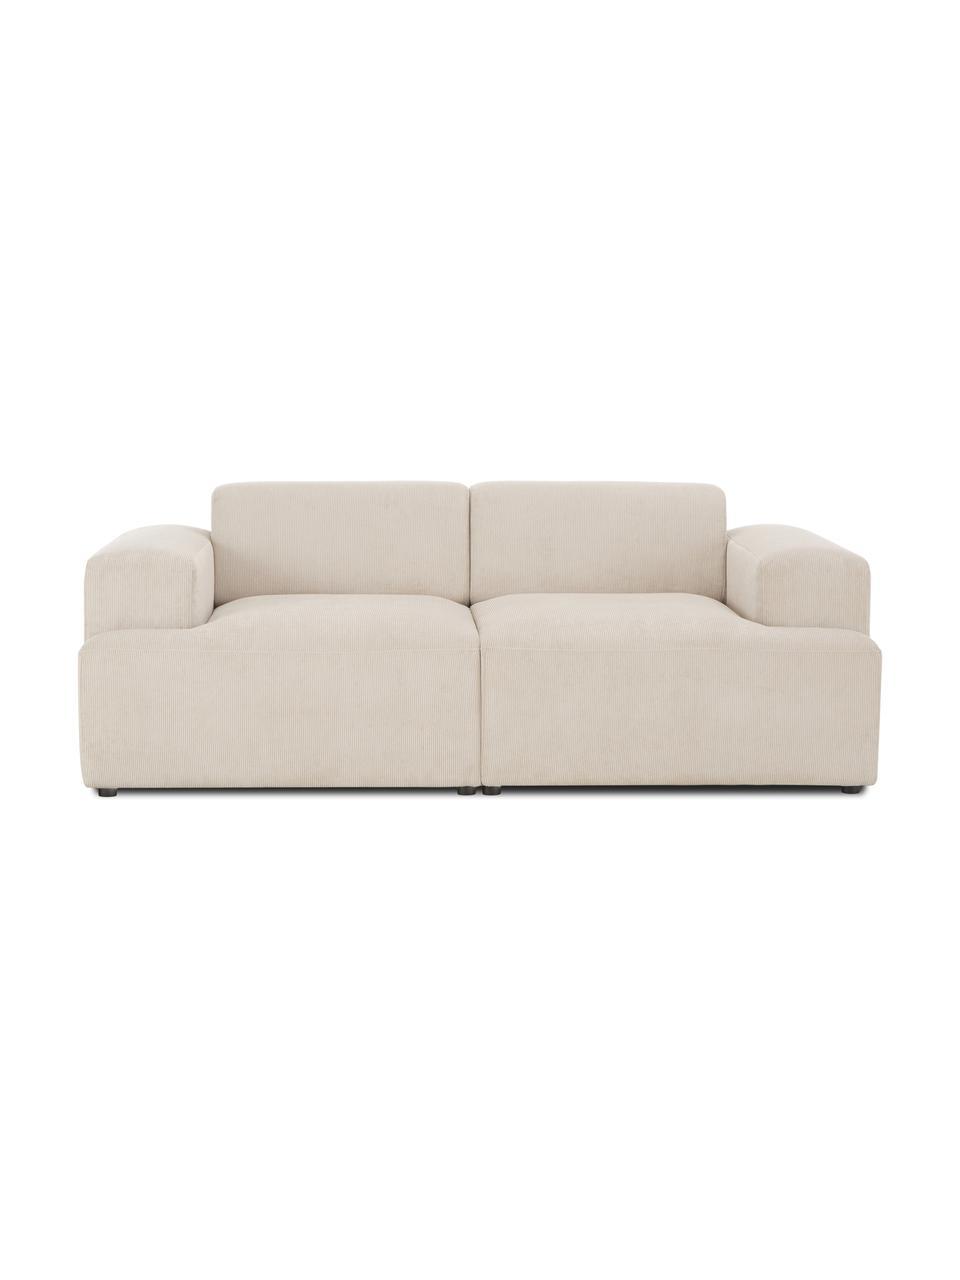 Sofa ze sztruksu Melva (2-osobowa), Tapicerka: sztruks (92% poliester, 8, Stelaż: lite drewno sosnowe, cert, Nogi: tworzywo sztuczne, Sztruksowy beżowy, S 198 x G 101 cm